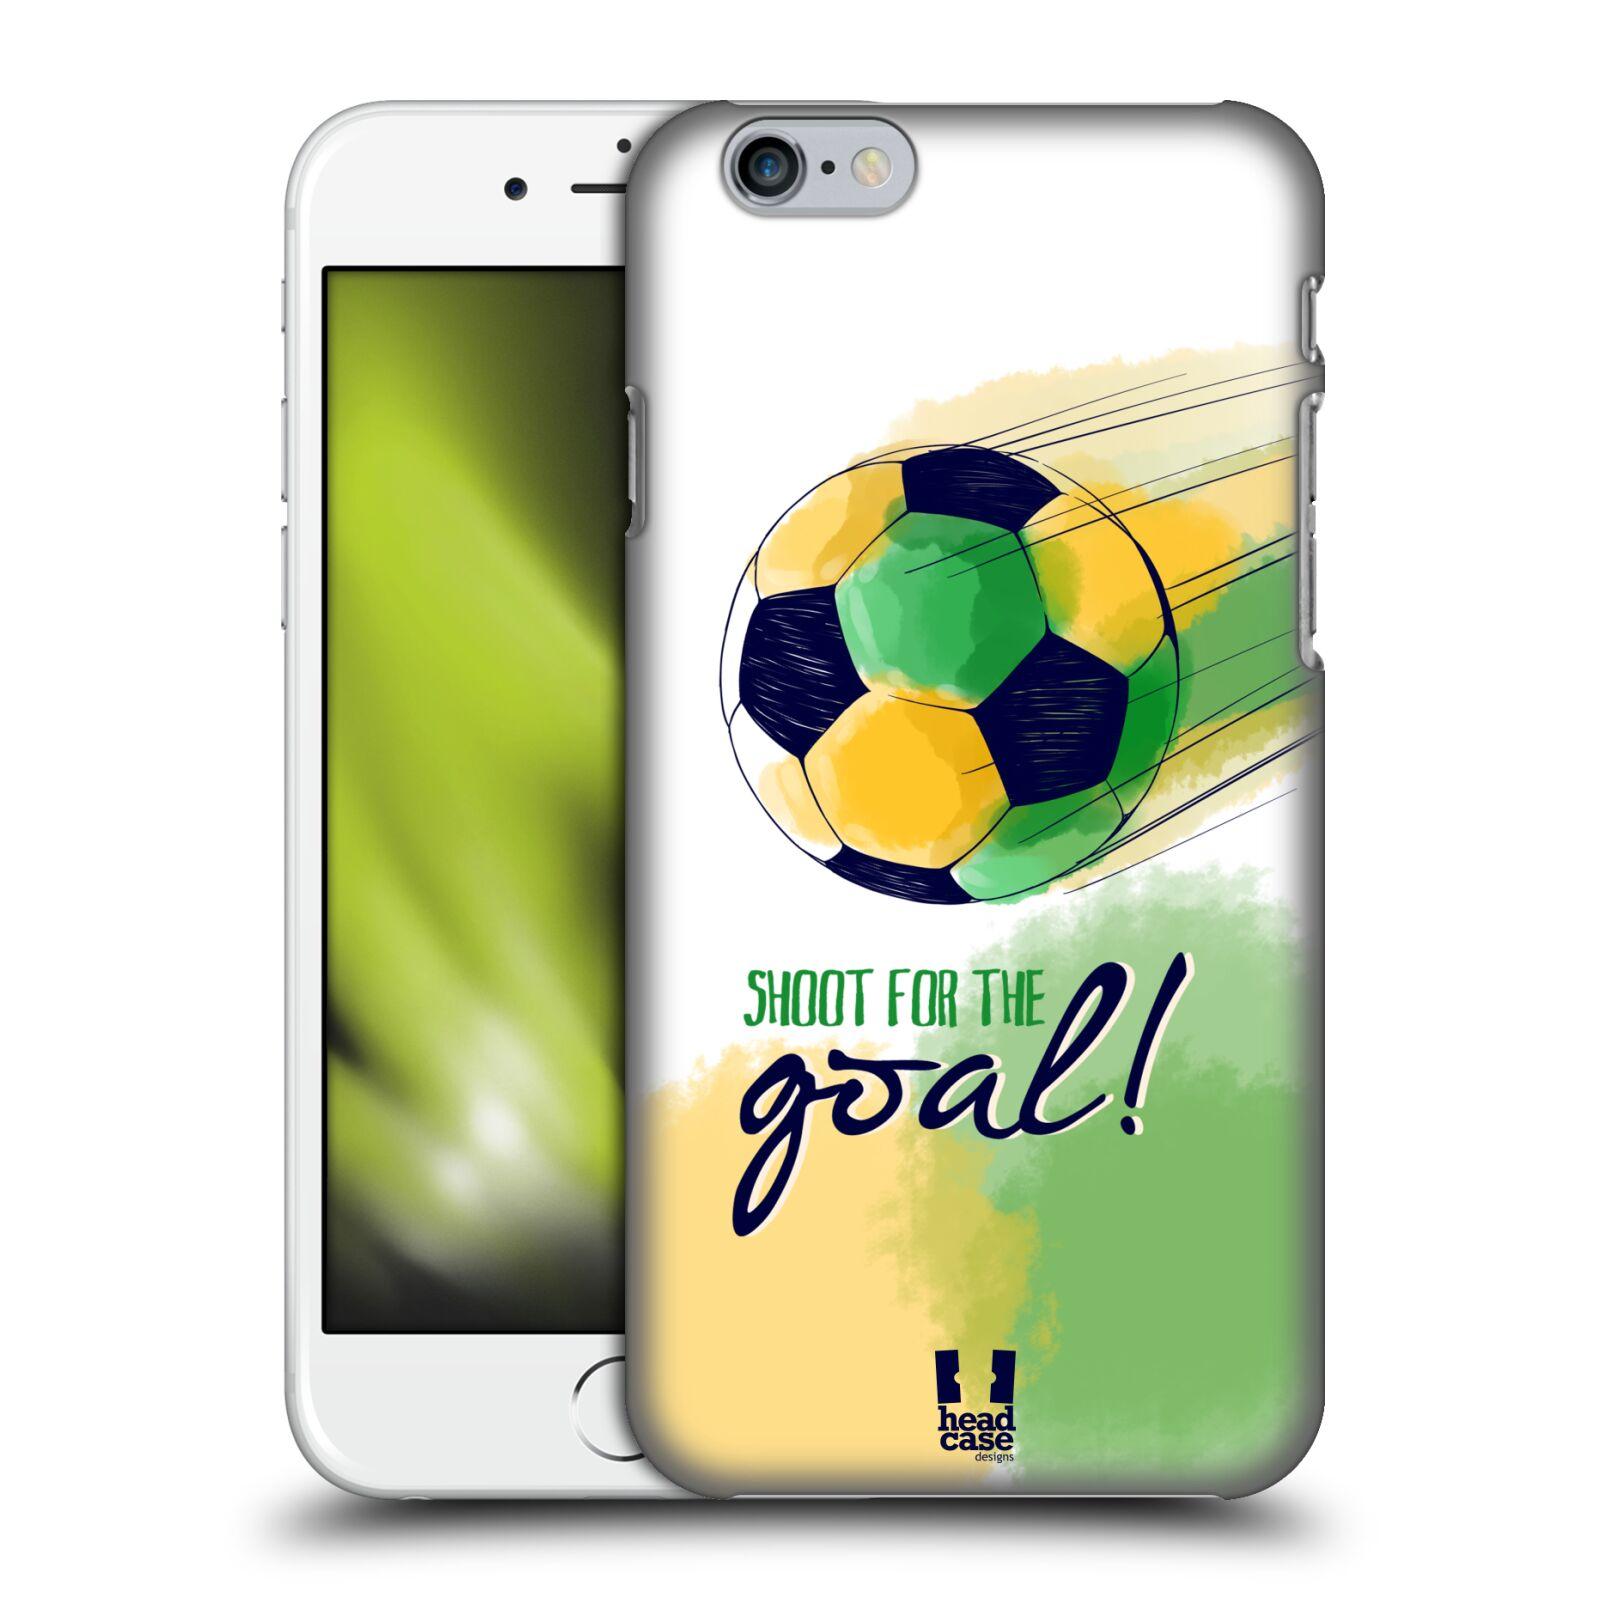 Plastové pouzdro pro mobil Apple Iphone 6/6S Sport fotbalový gól zelená barva